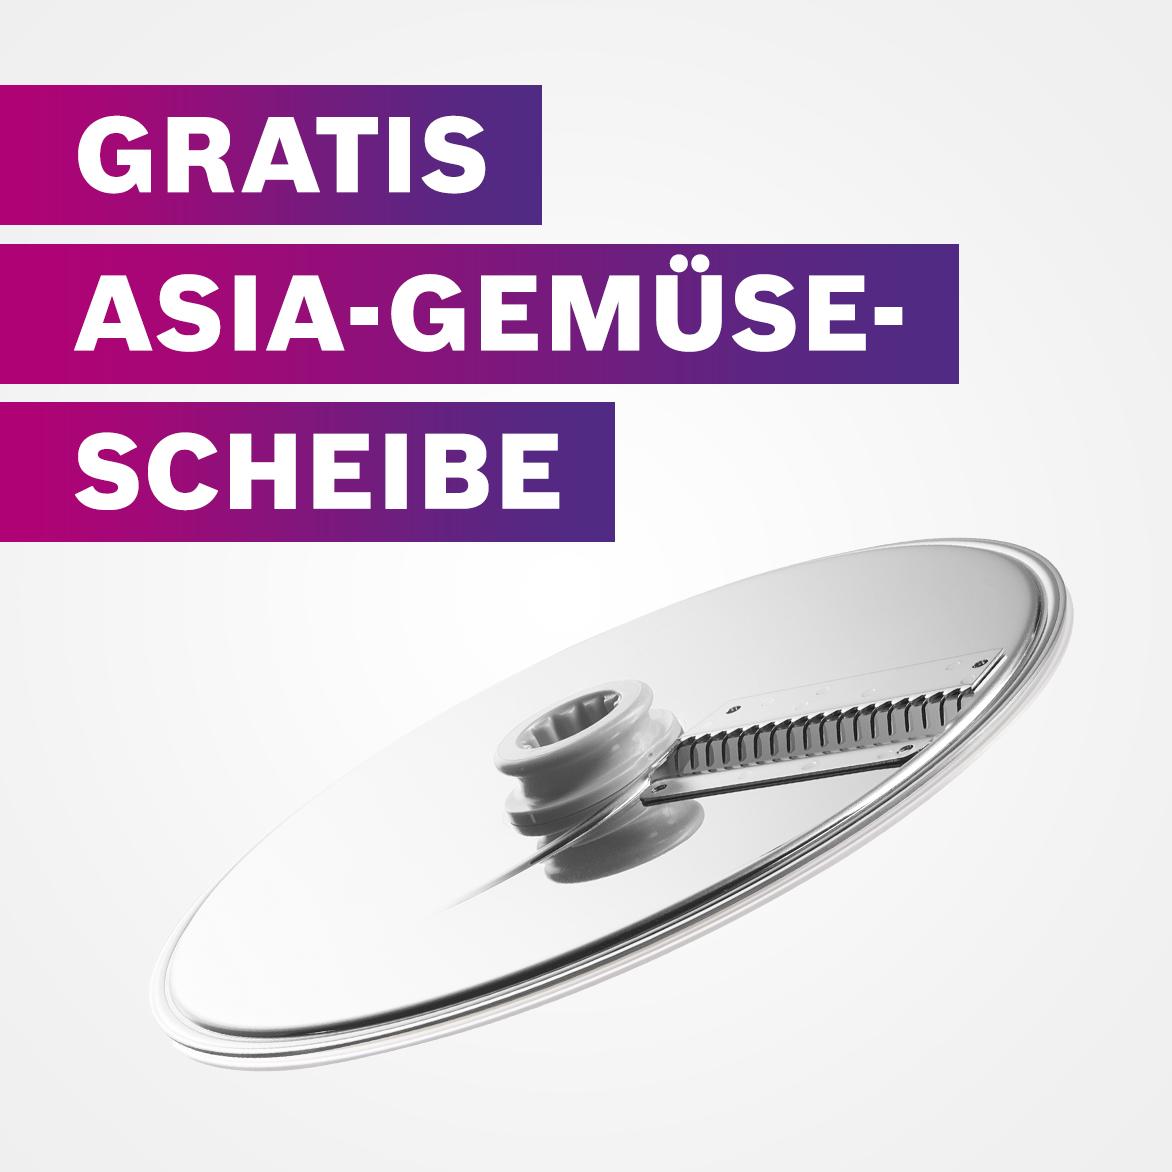 Carousel_Image2_AsiaGemüseScheibe